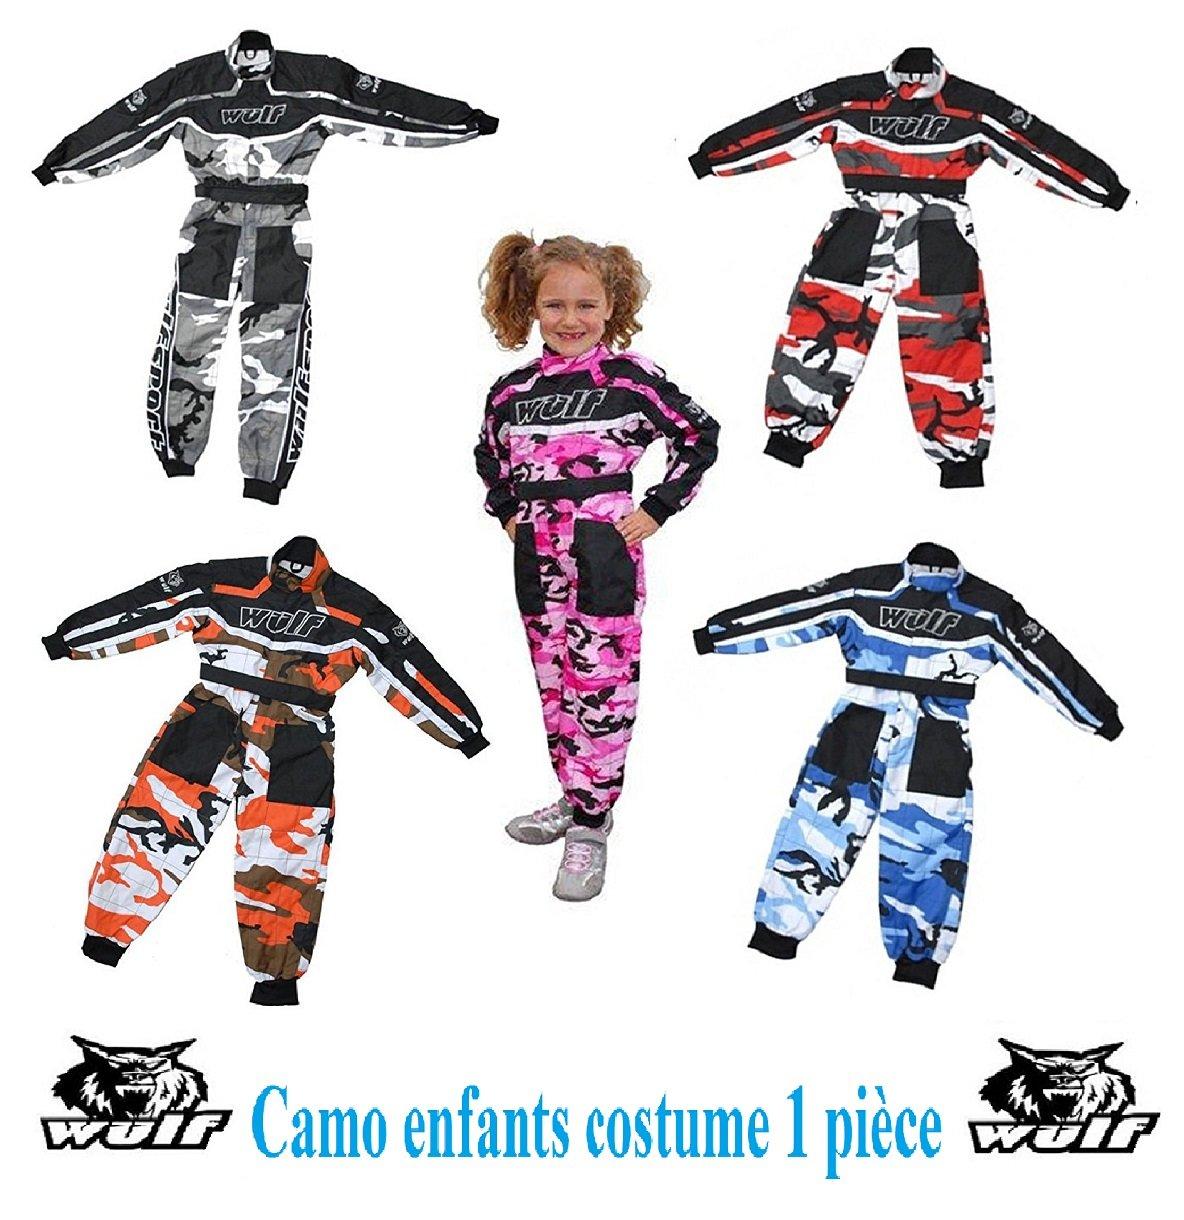 Moto enfant costume WULF CAMO ENFANTS KART COSTUME nouveau garç ons et filles motocross ATV Quad Sport Racing 1 piè ce Combinaison (rouge, 7 - 8 anné es) 7 - 8 années) WULFSPORT